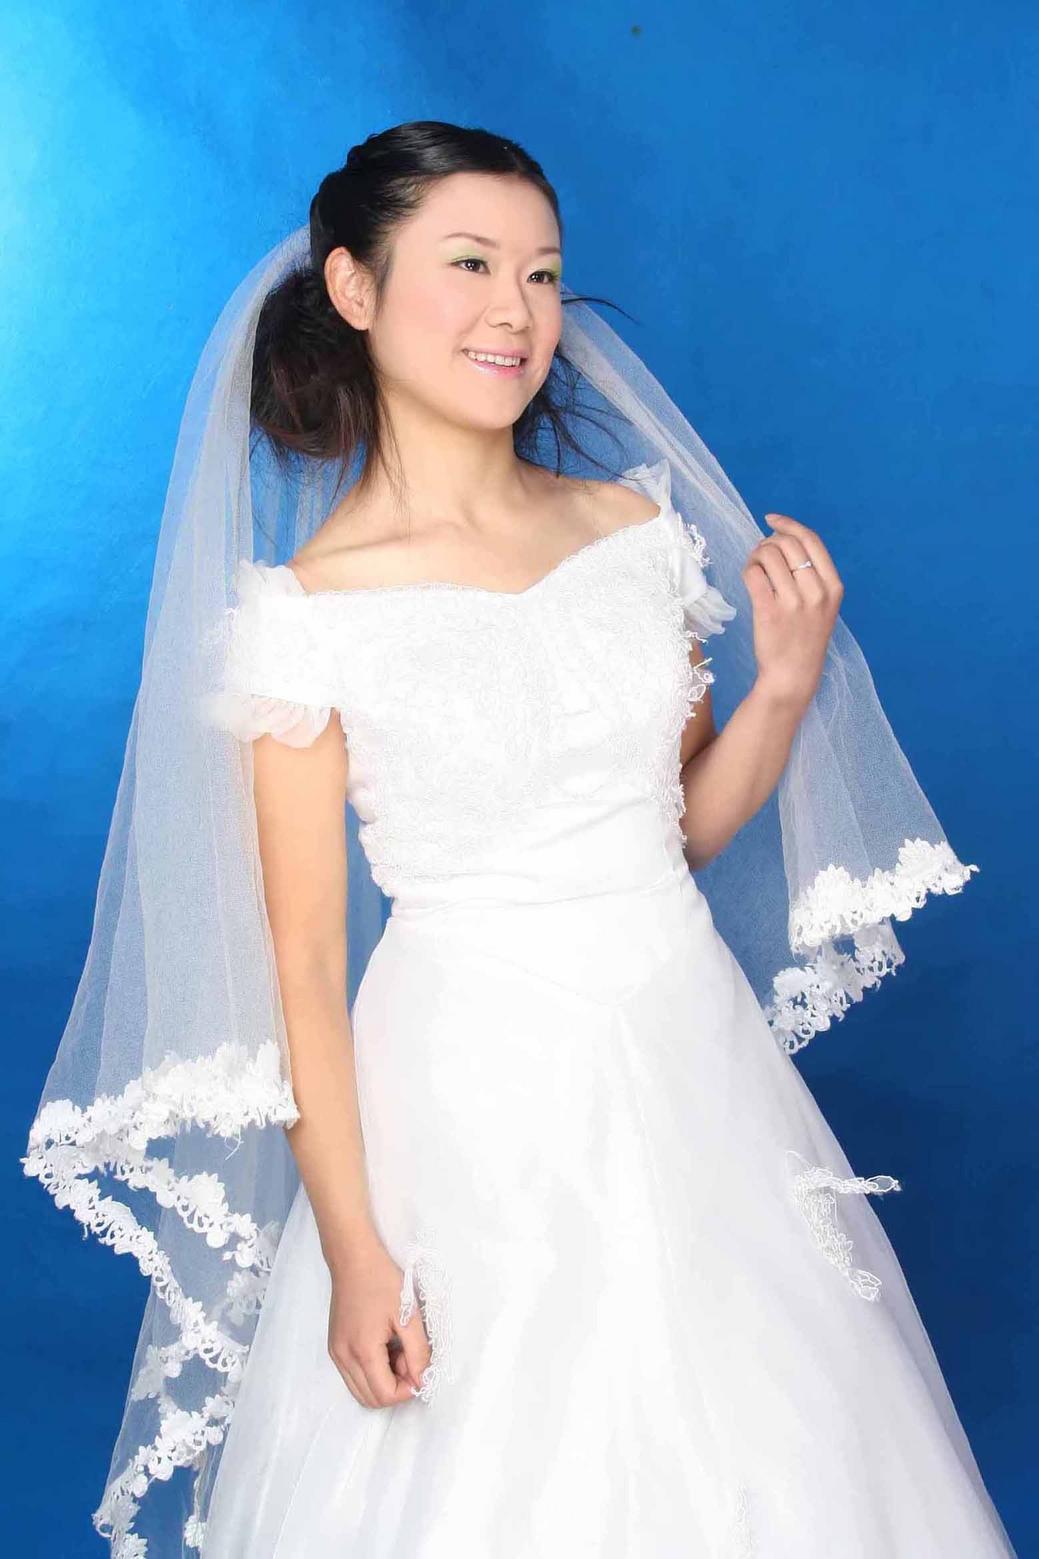 室内婚纱照白纱造型《v.clu_发型设计